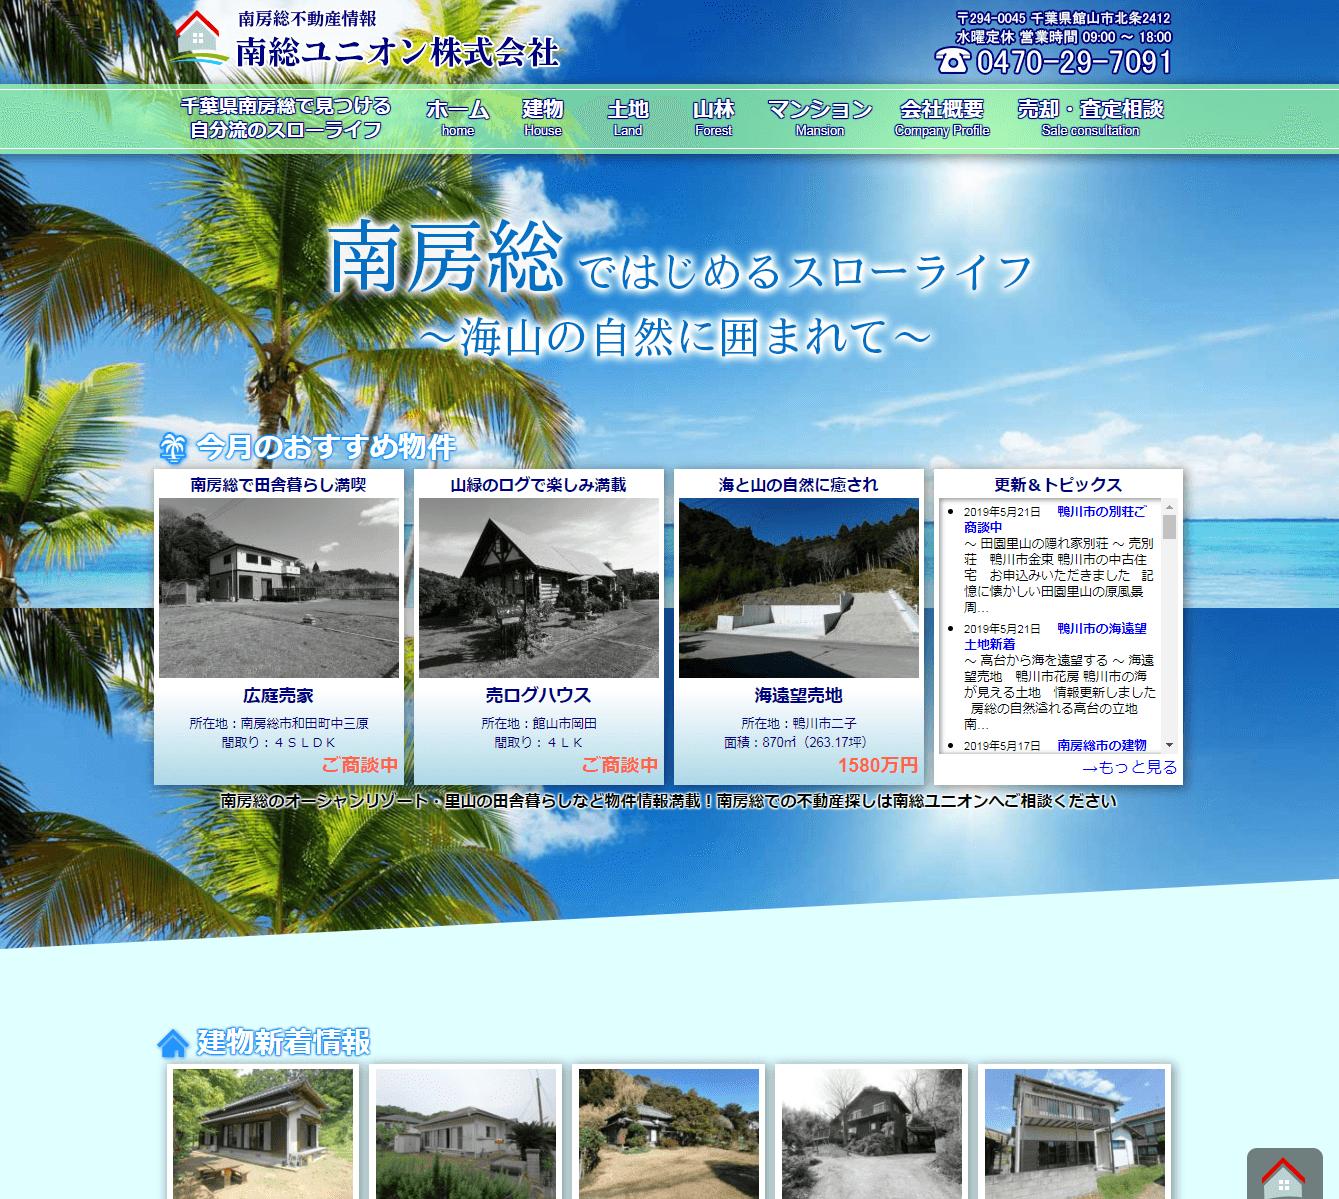 南総ユニオン株式会社の口コミや評判